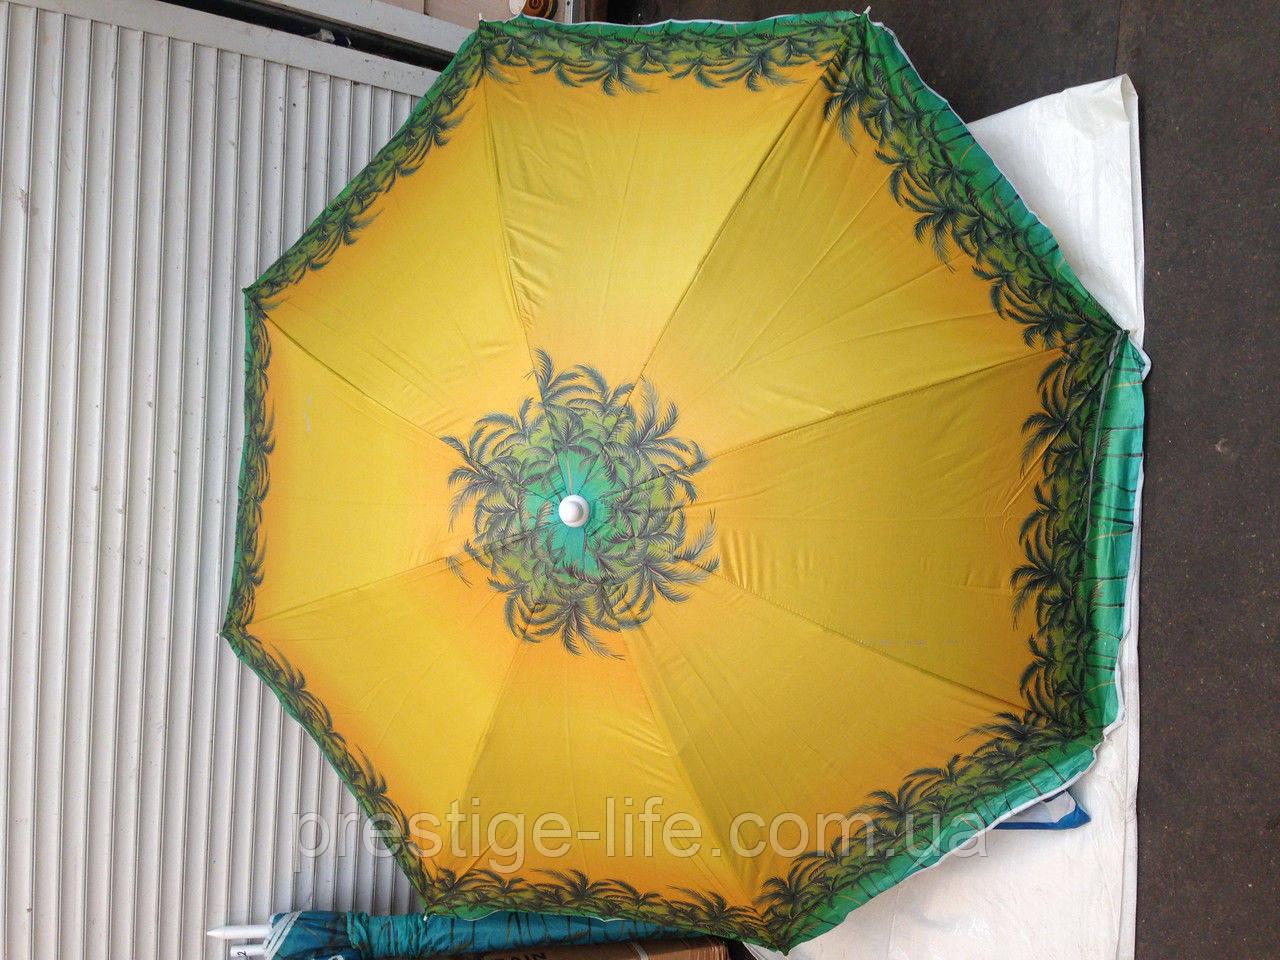 Зонт диаметром 2,4 м с клапаном. Пластиковые спицы. Серебренное покрытие. Пальмы, фон Жёлтый